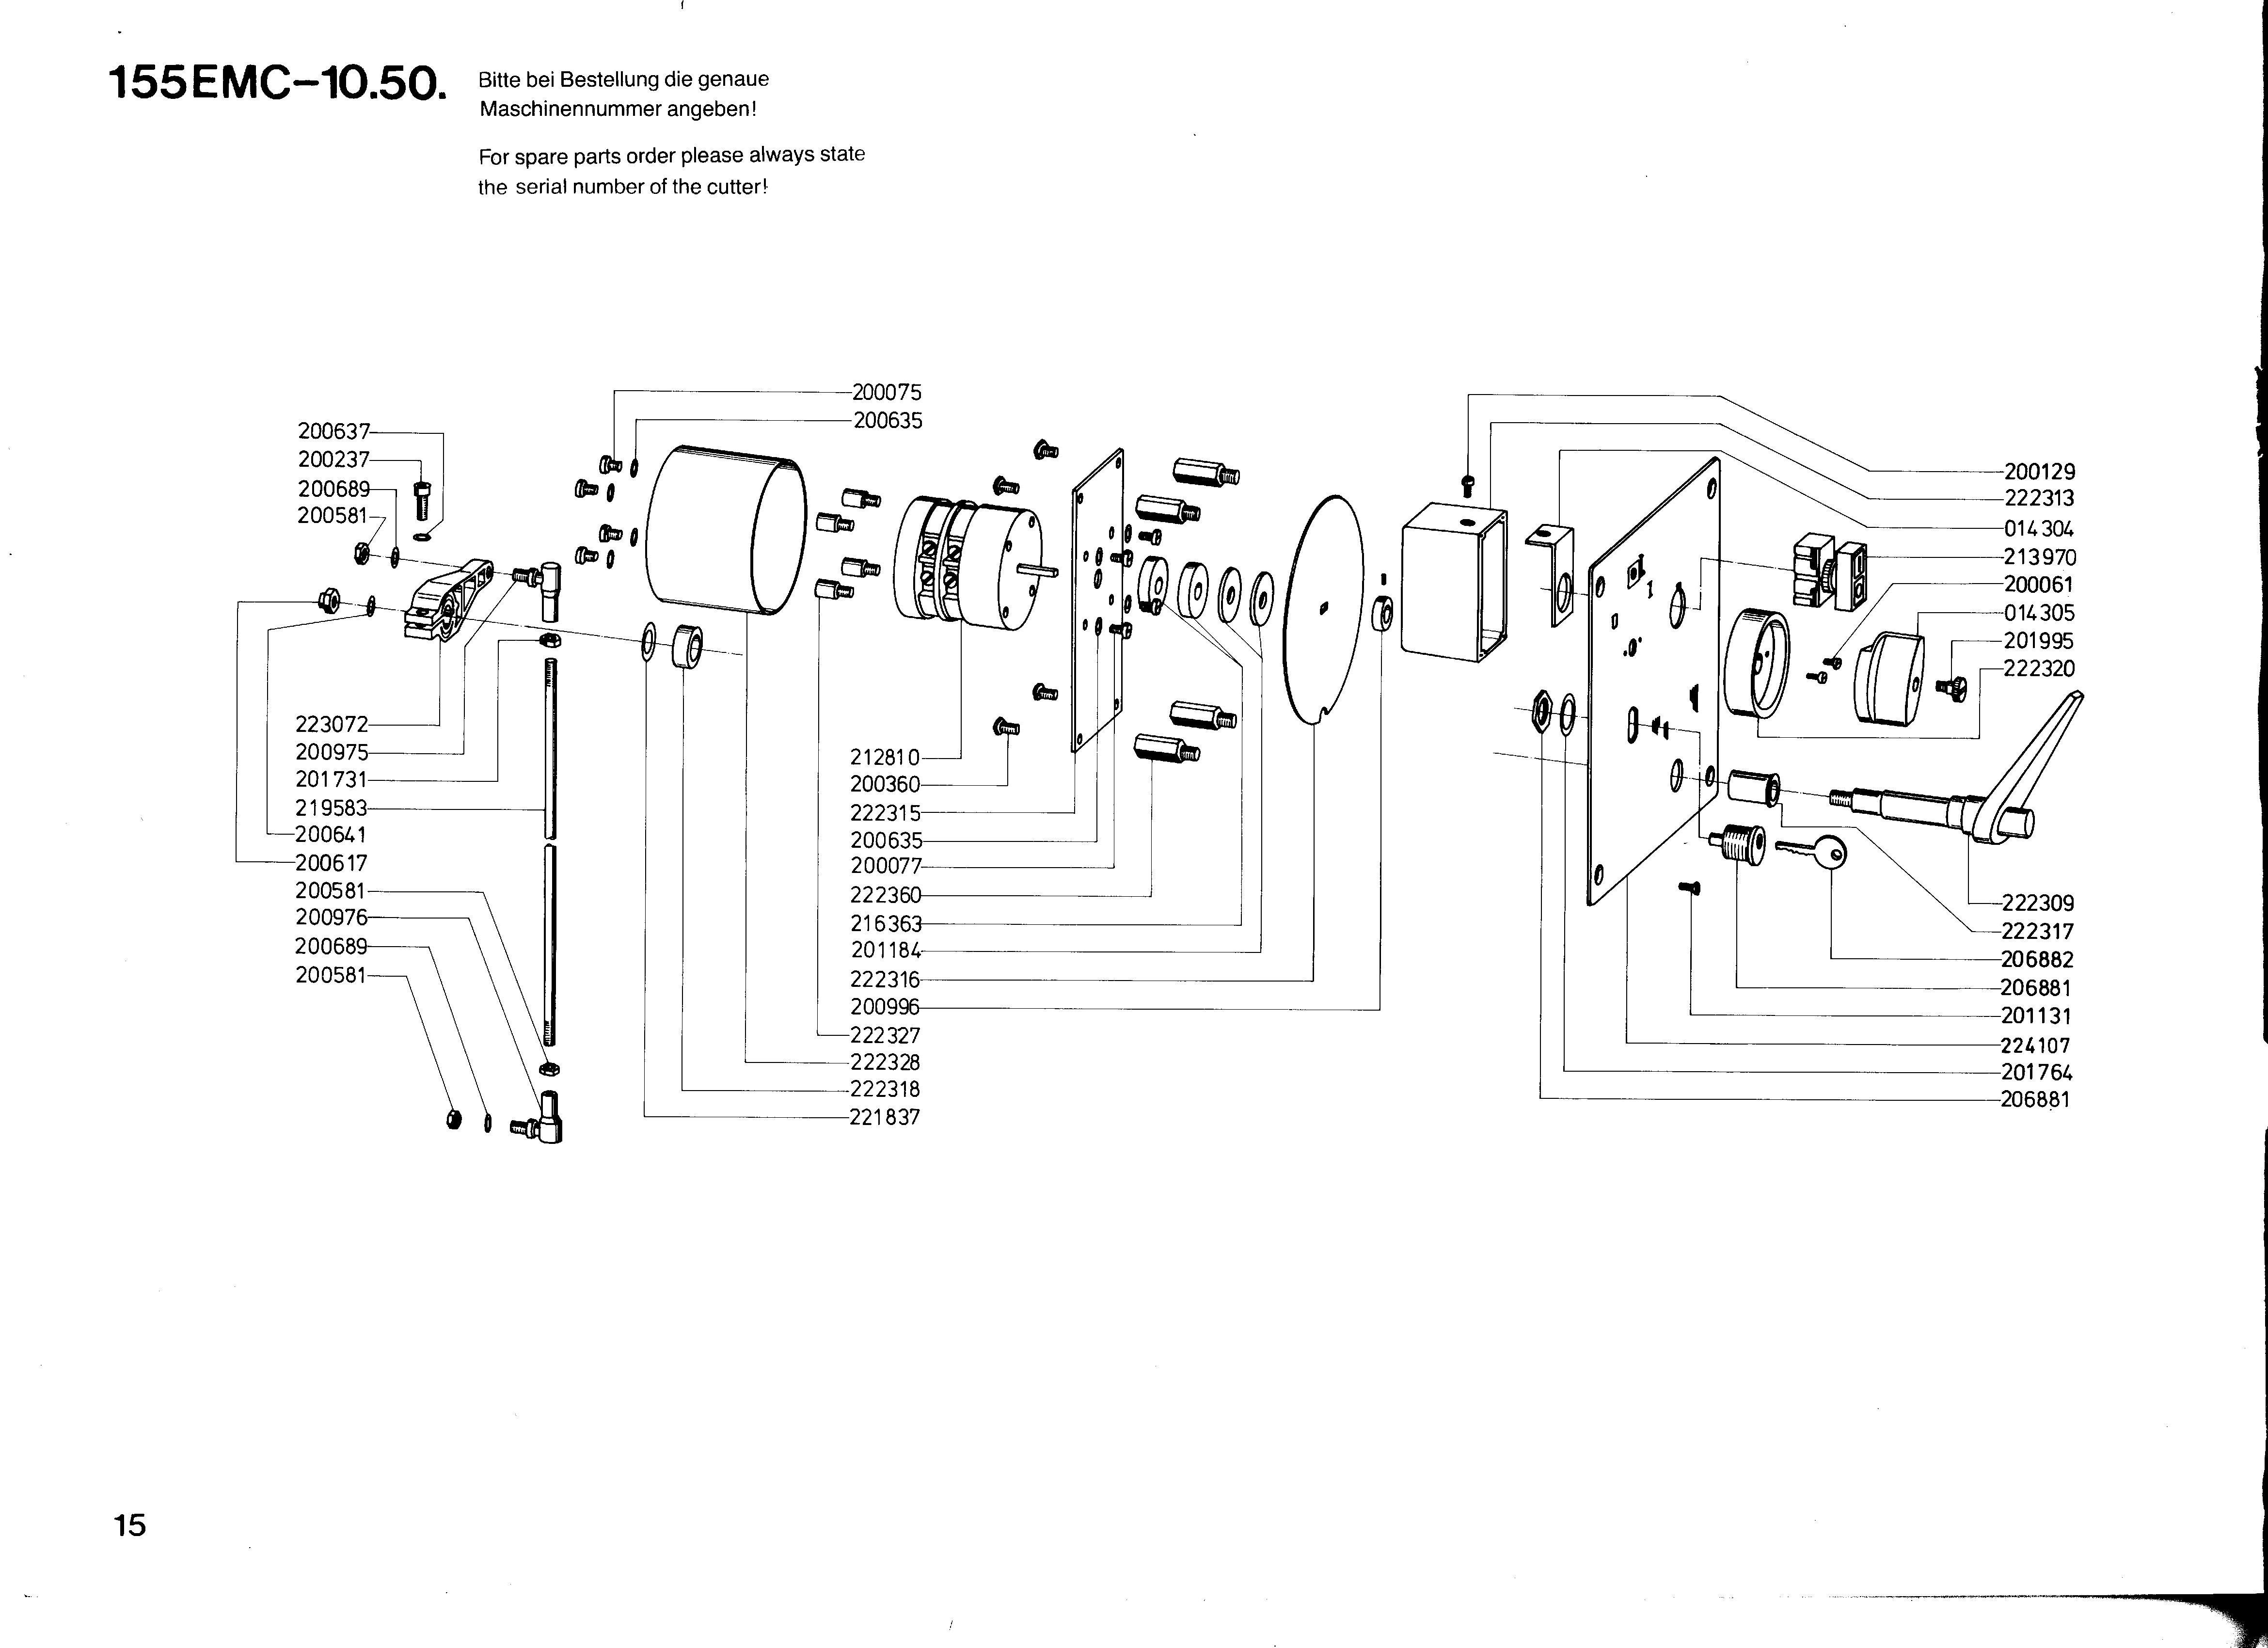 Polar 155EMC-1---015